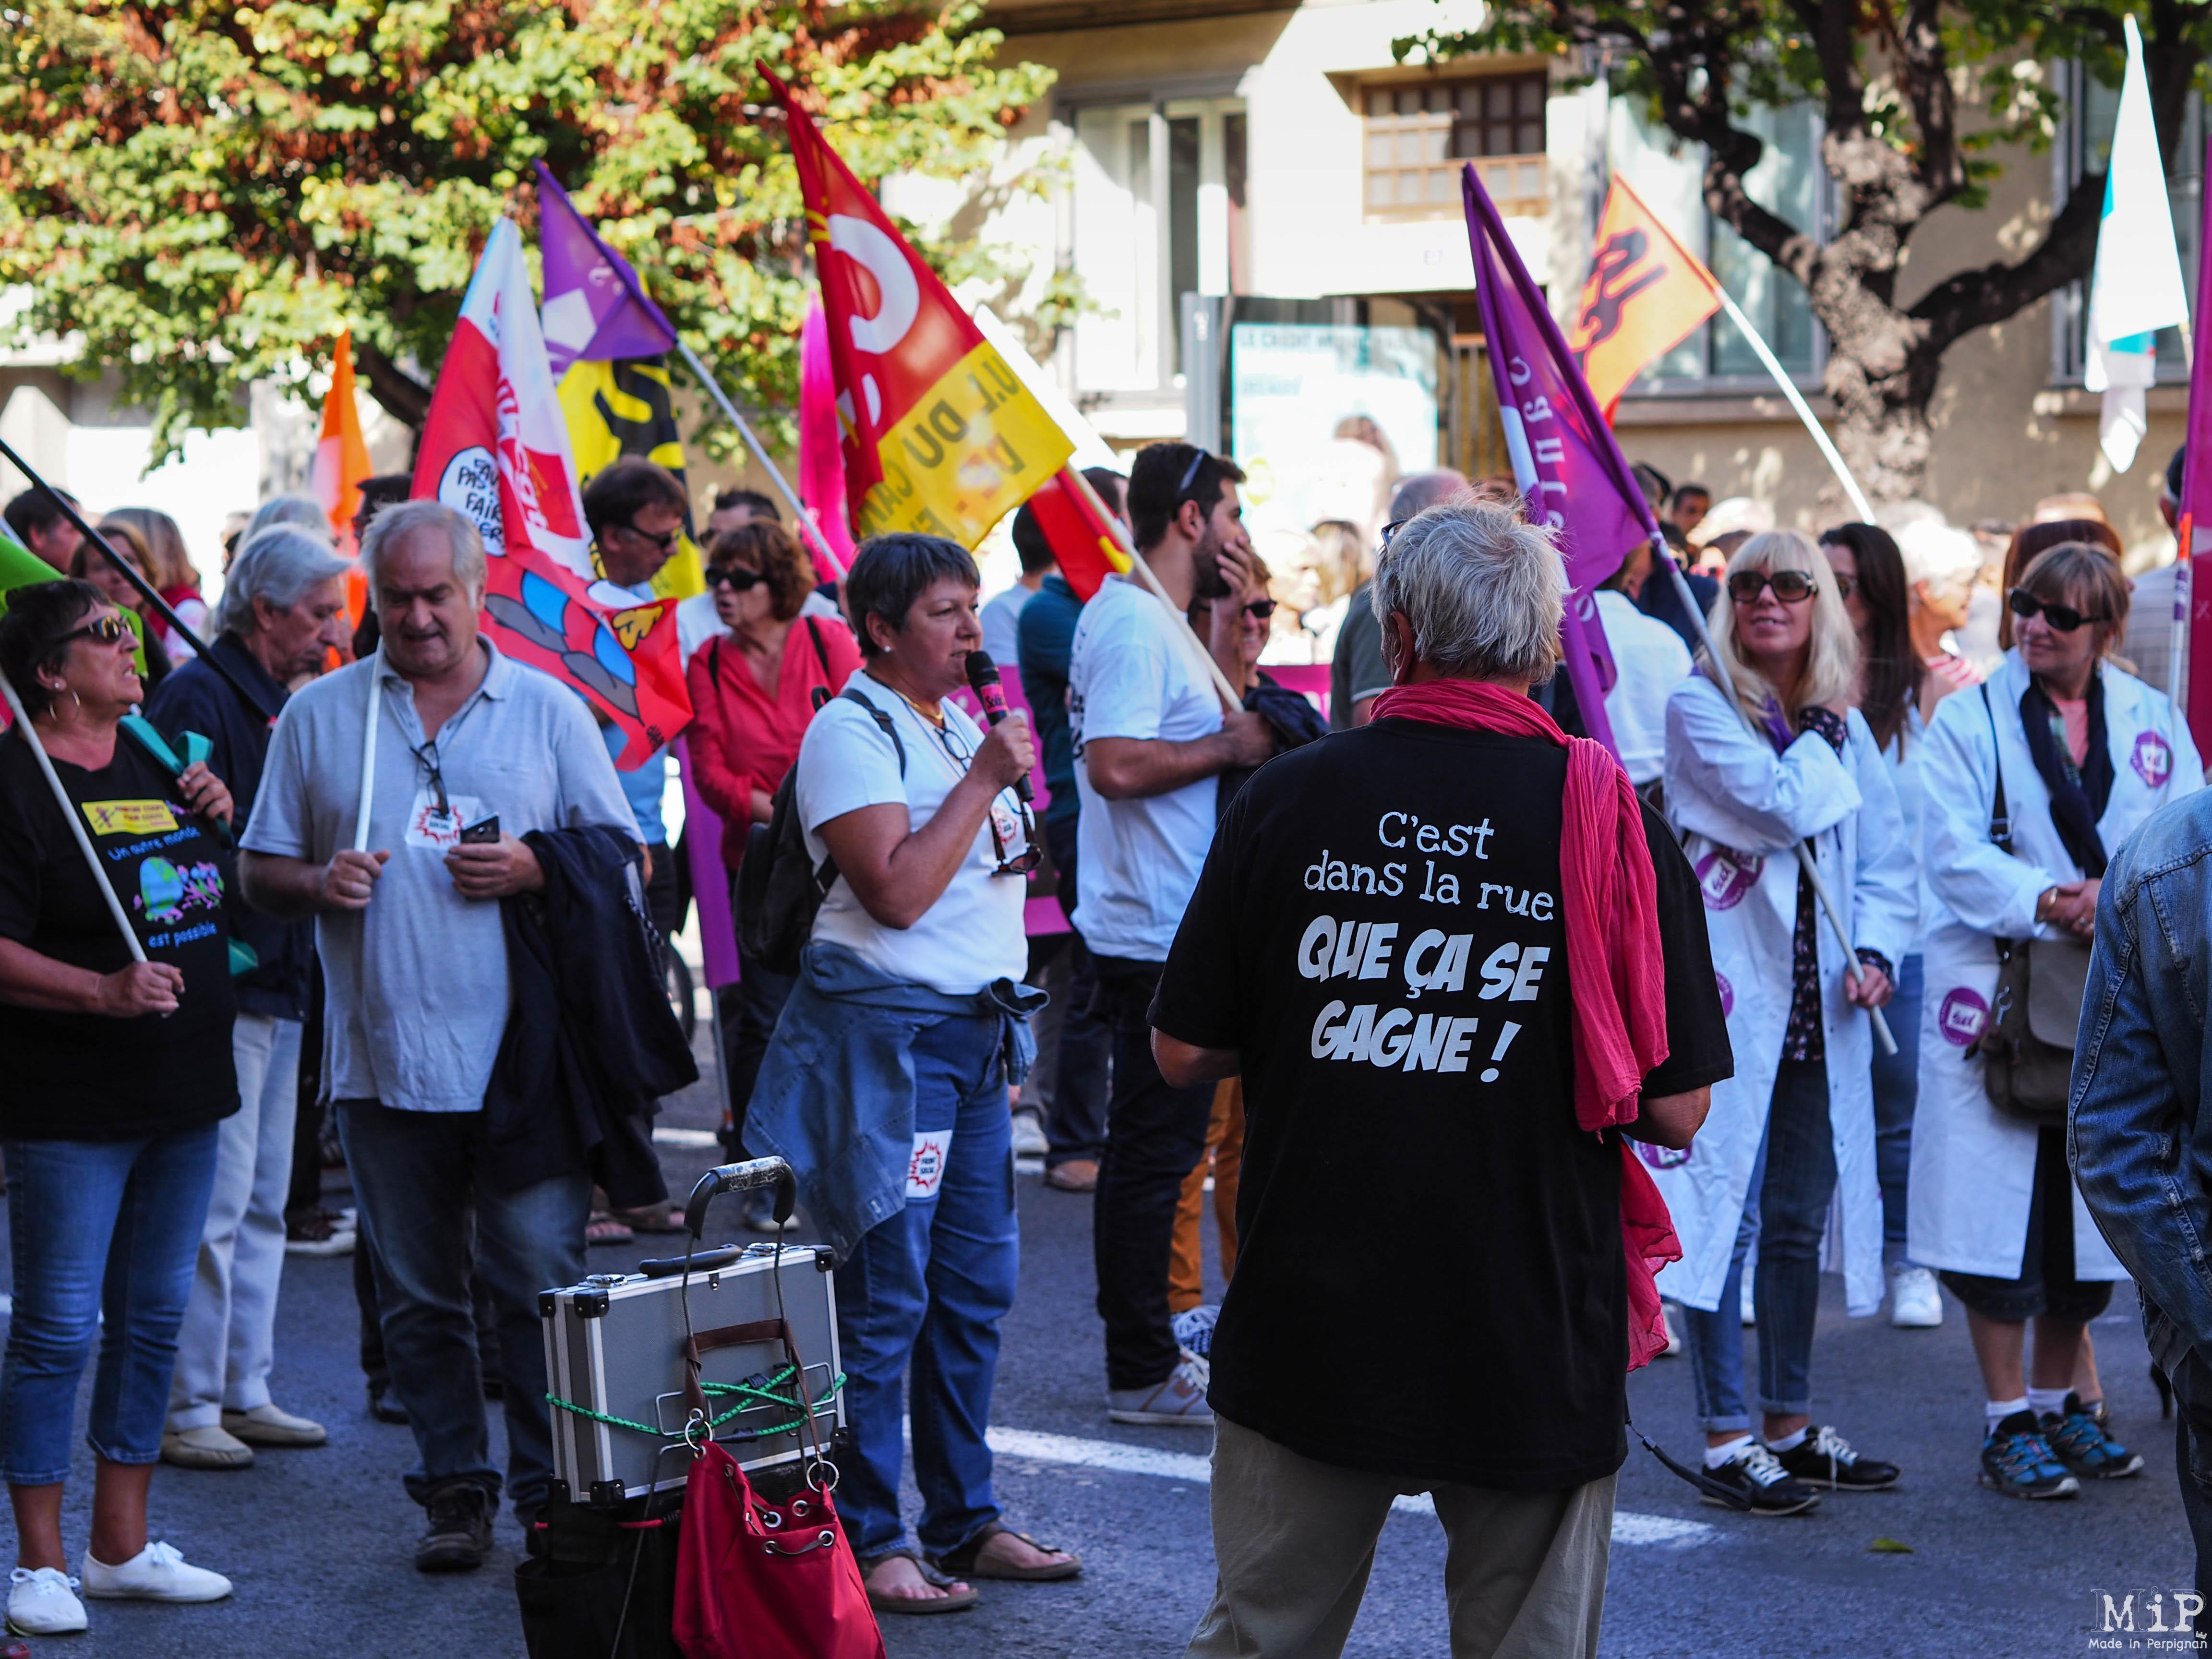 Perpignan - Manifestation pour défendre la fonction publique -100005